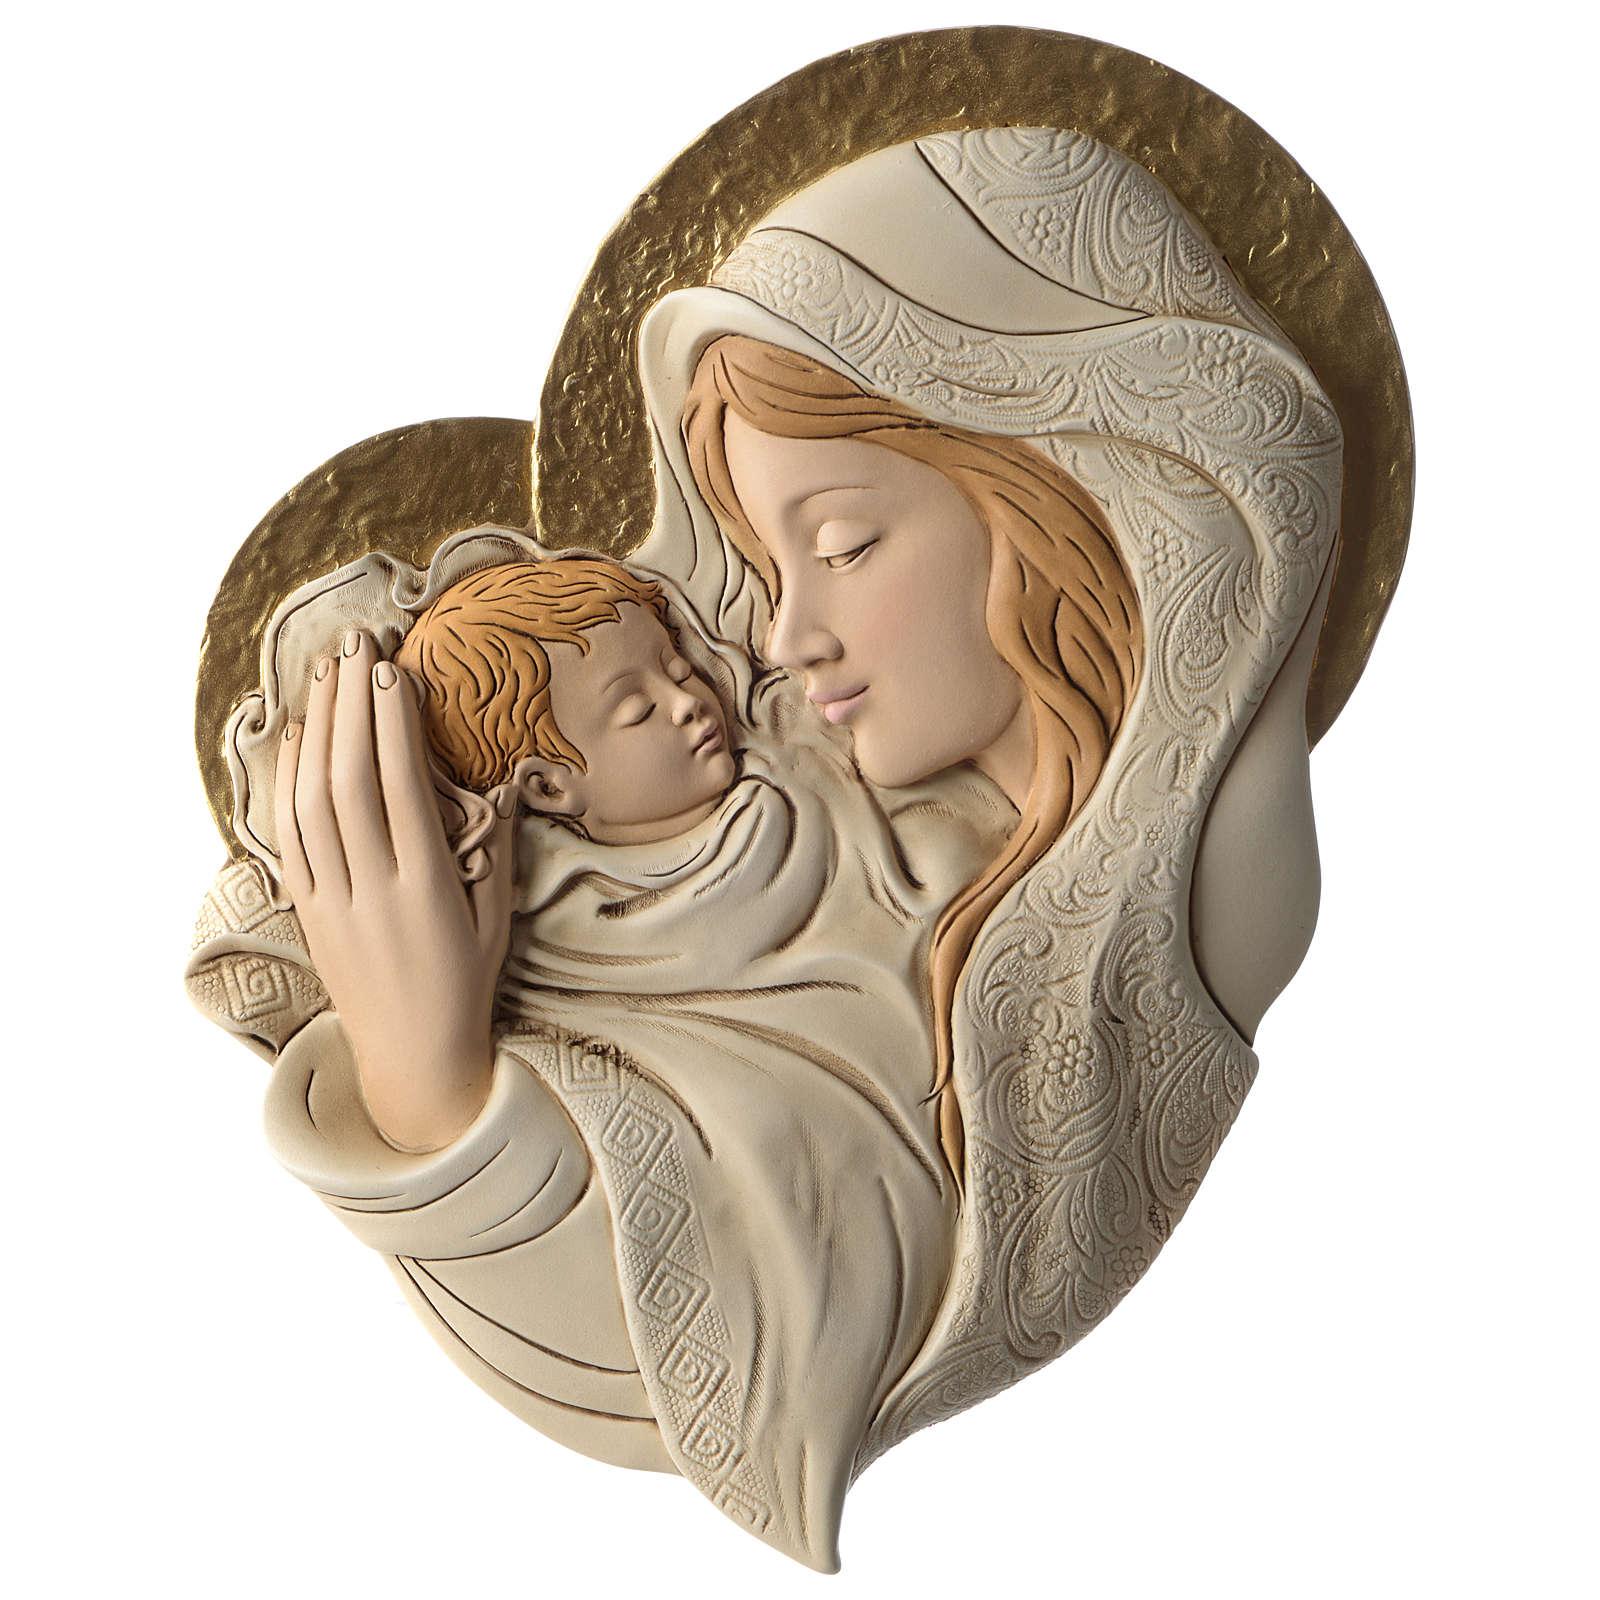 Bassorilievo abbraccio Maria e Bambino resina colorata 3